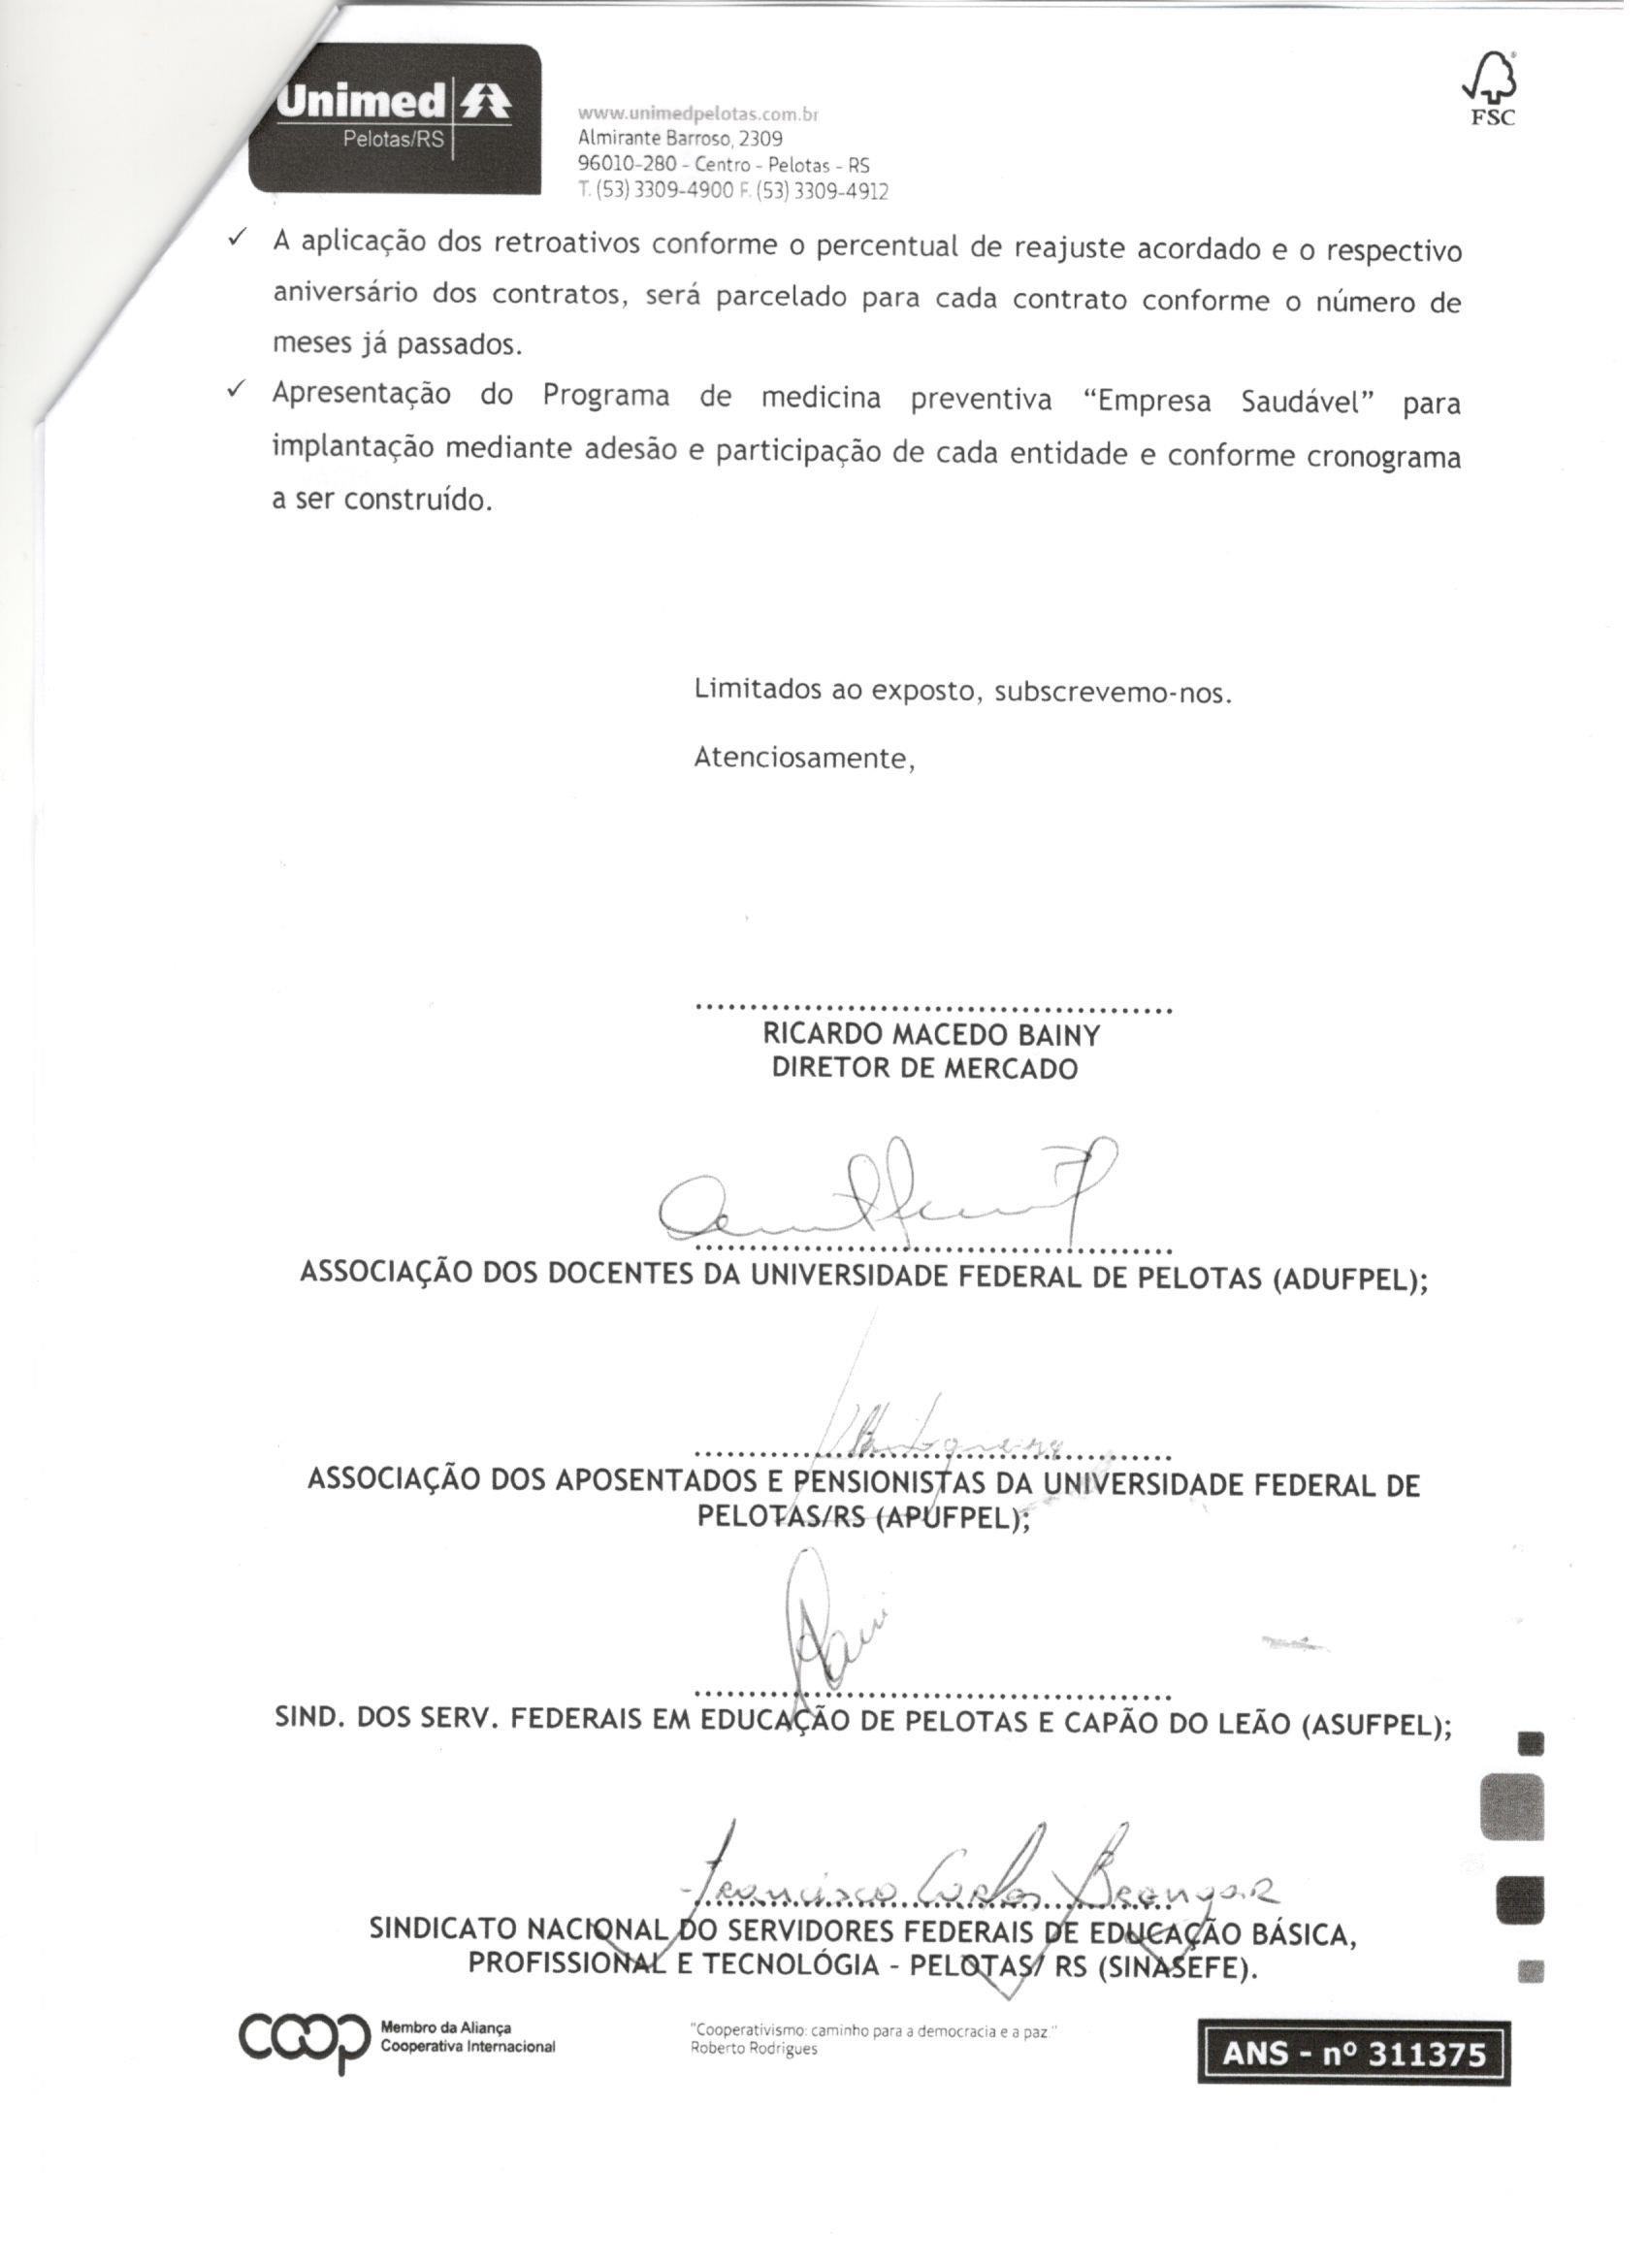 Acordo assinado